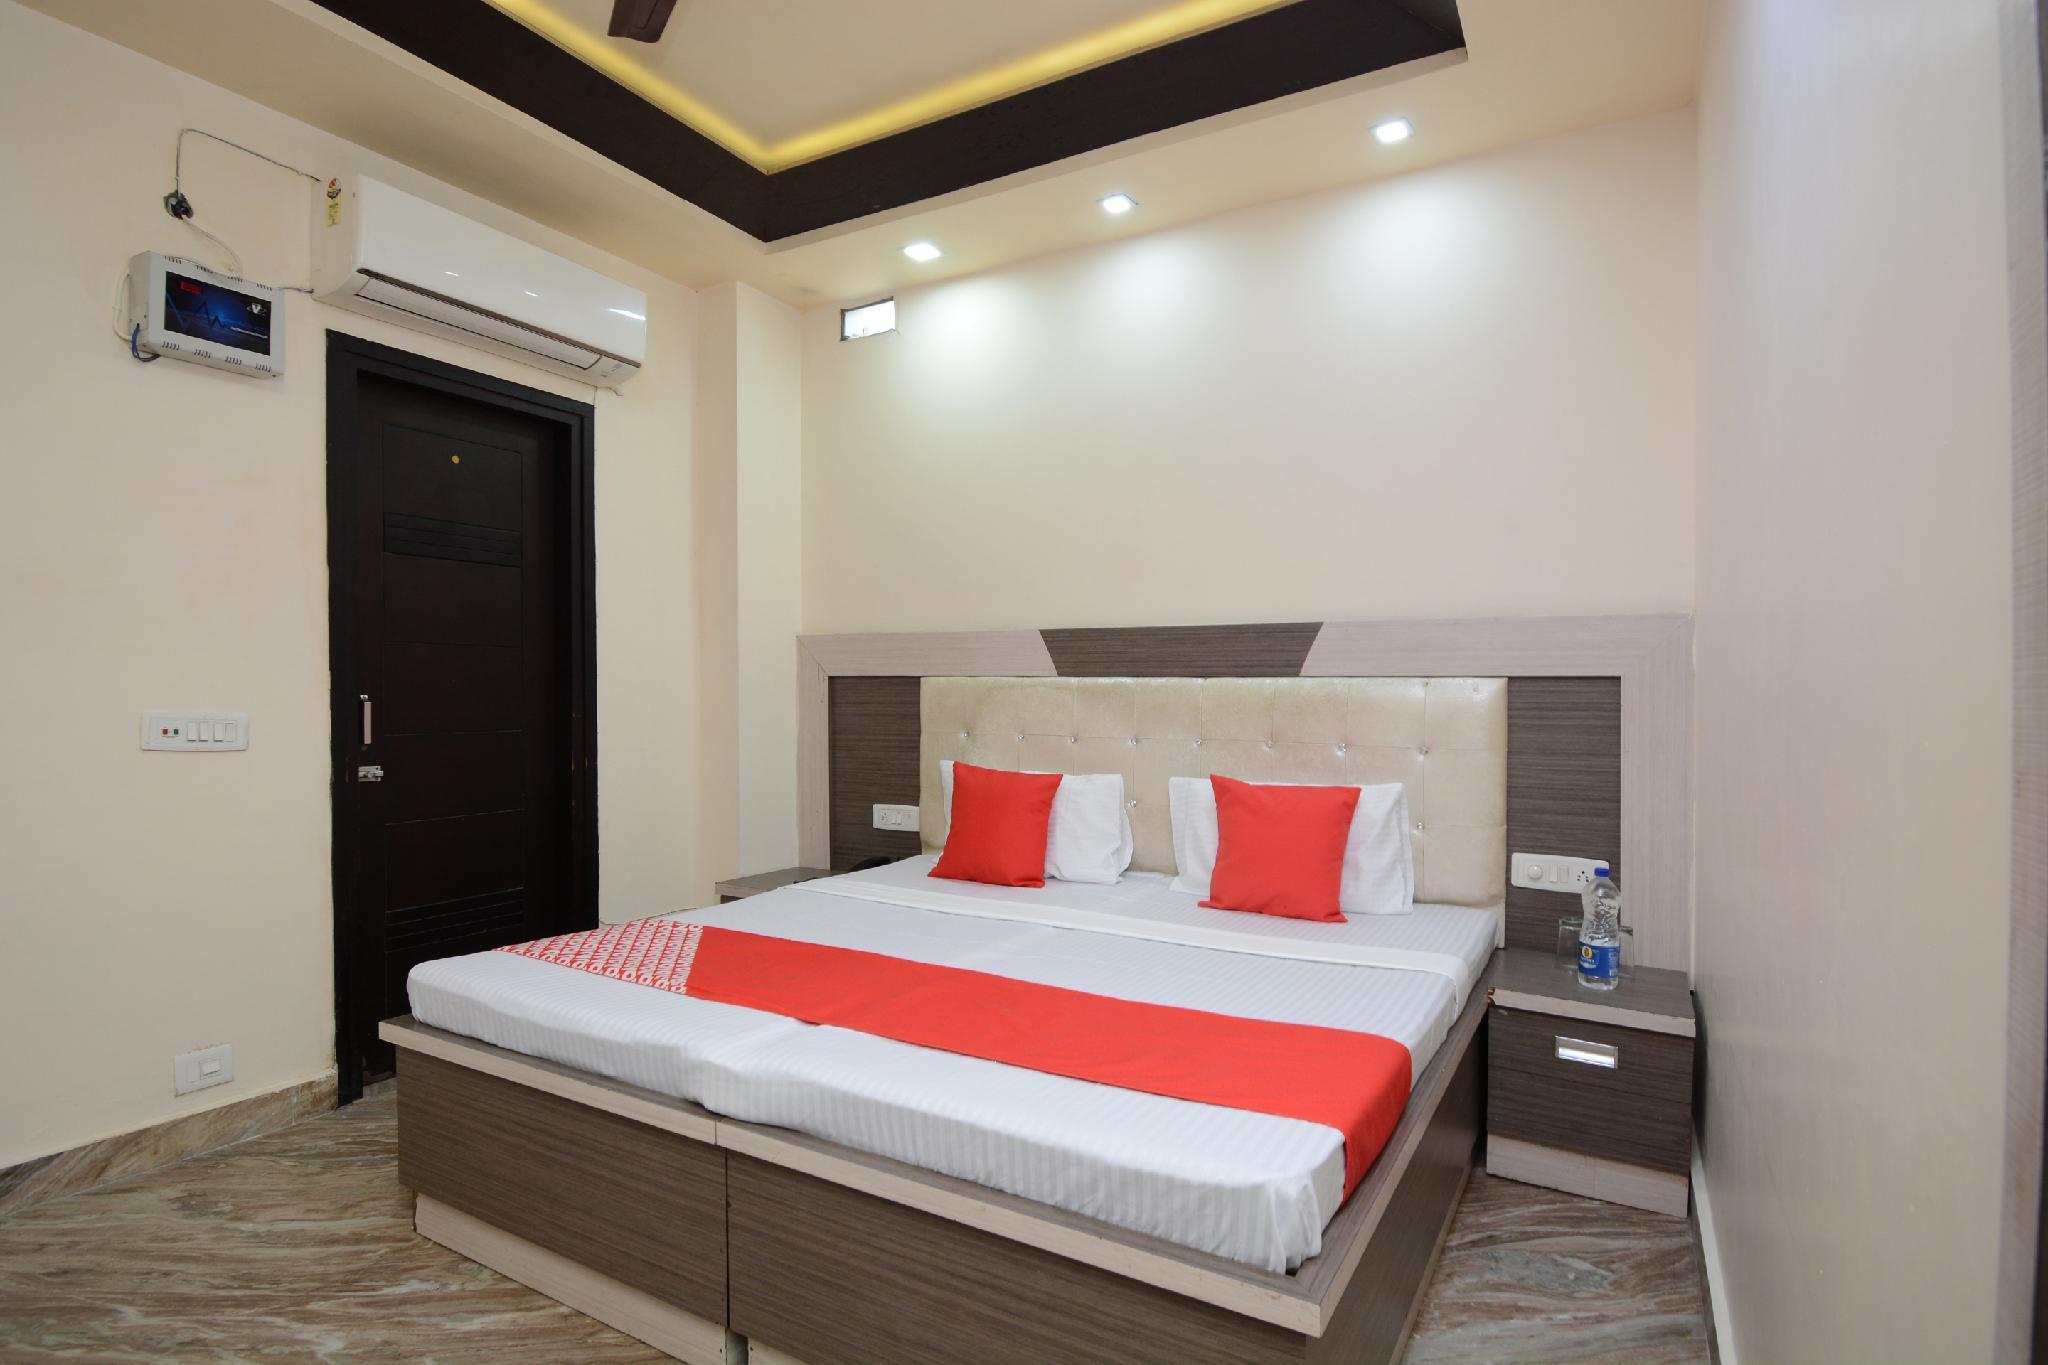 OYO 29679 Hotel Umang GG, Bathinda